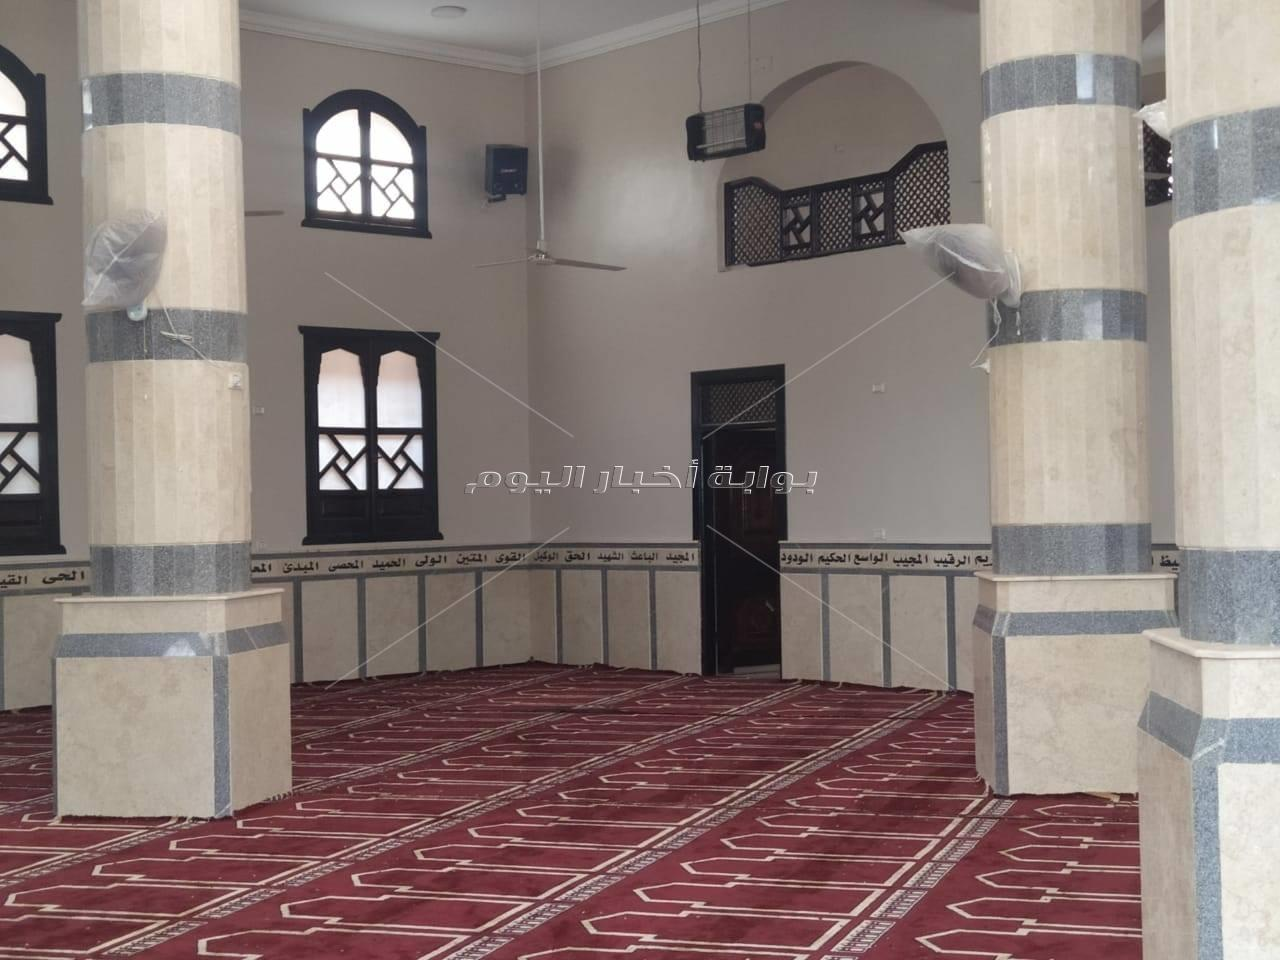 افتتاح 3 مساجد بمحافظة القليوبية بتكلفة 8 مليون جنيه.. بعد قليل